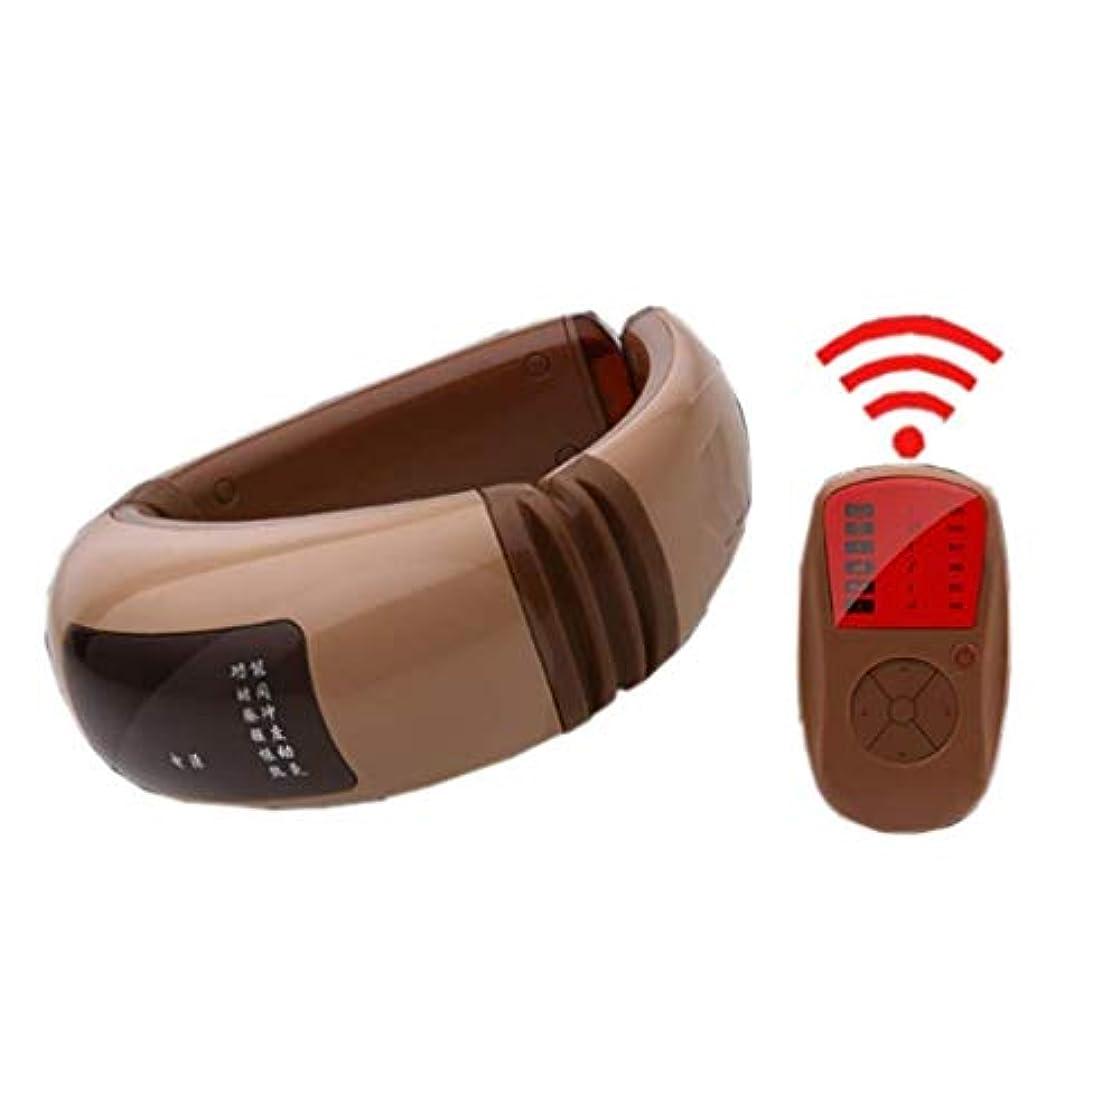 未払いレディ降下マッサージャー、ポータブルスマートネック振動マッサージャー、USB充電、デジタルディスプレイ、車のホームオフィスで使用